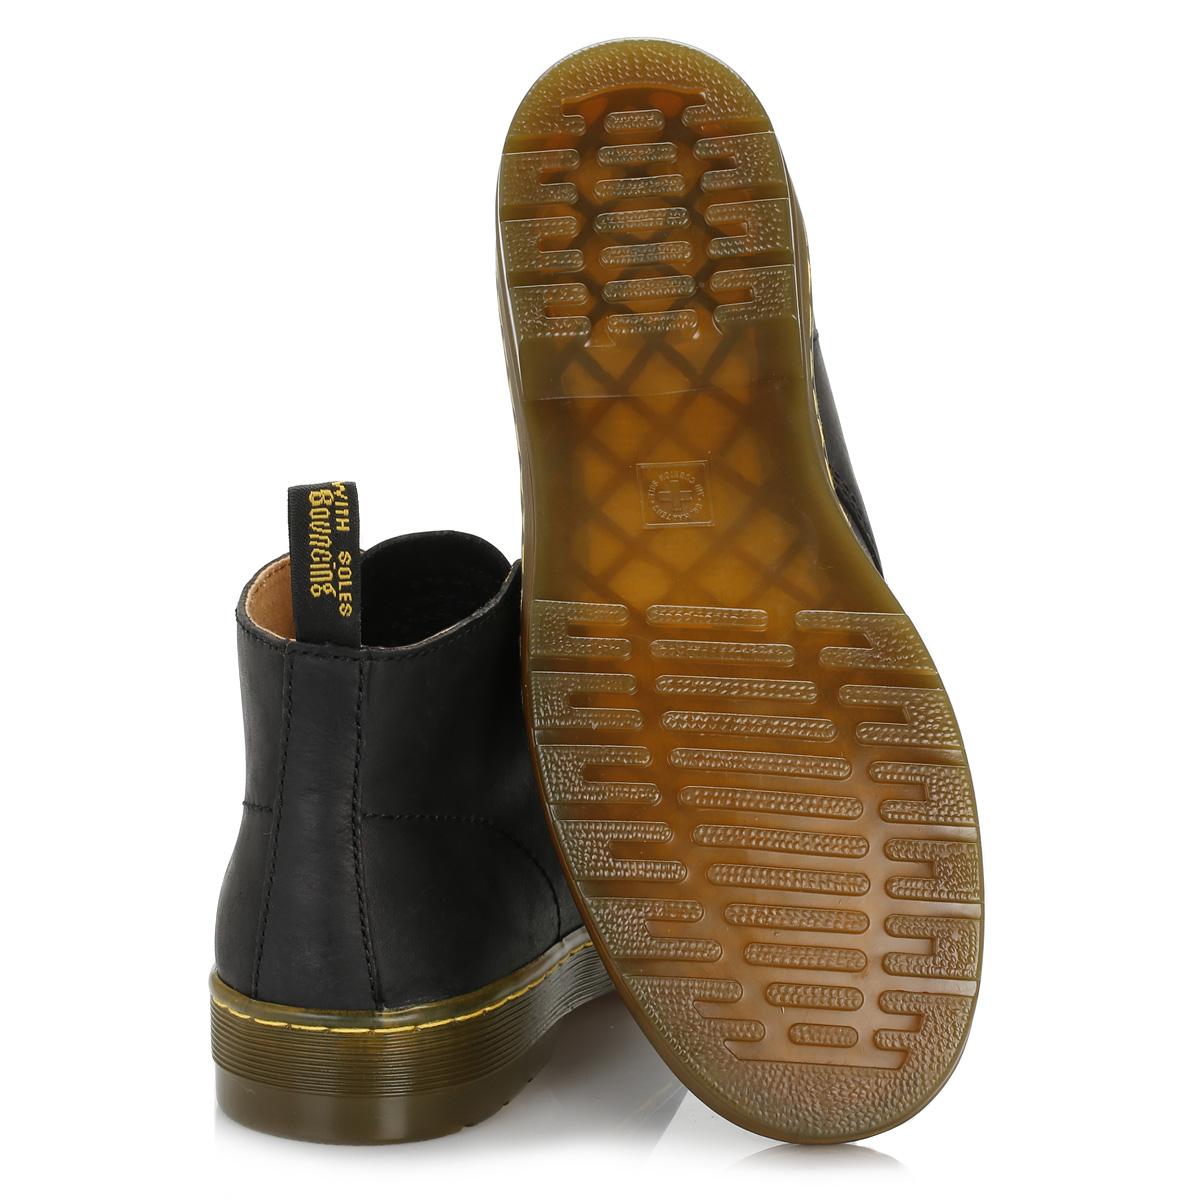 Dr. Martens Botas Desierto Para Hombre Negro Cabrillo Cuero Cuero Cuero Zapatos al tobillo con Cordones 487642